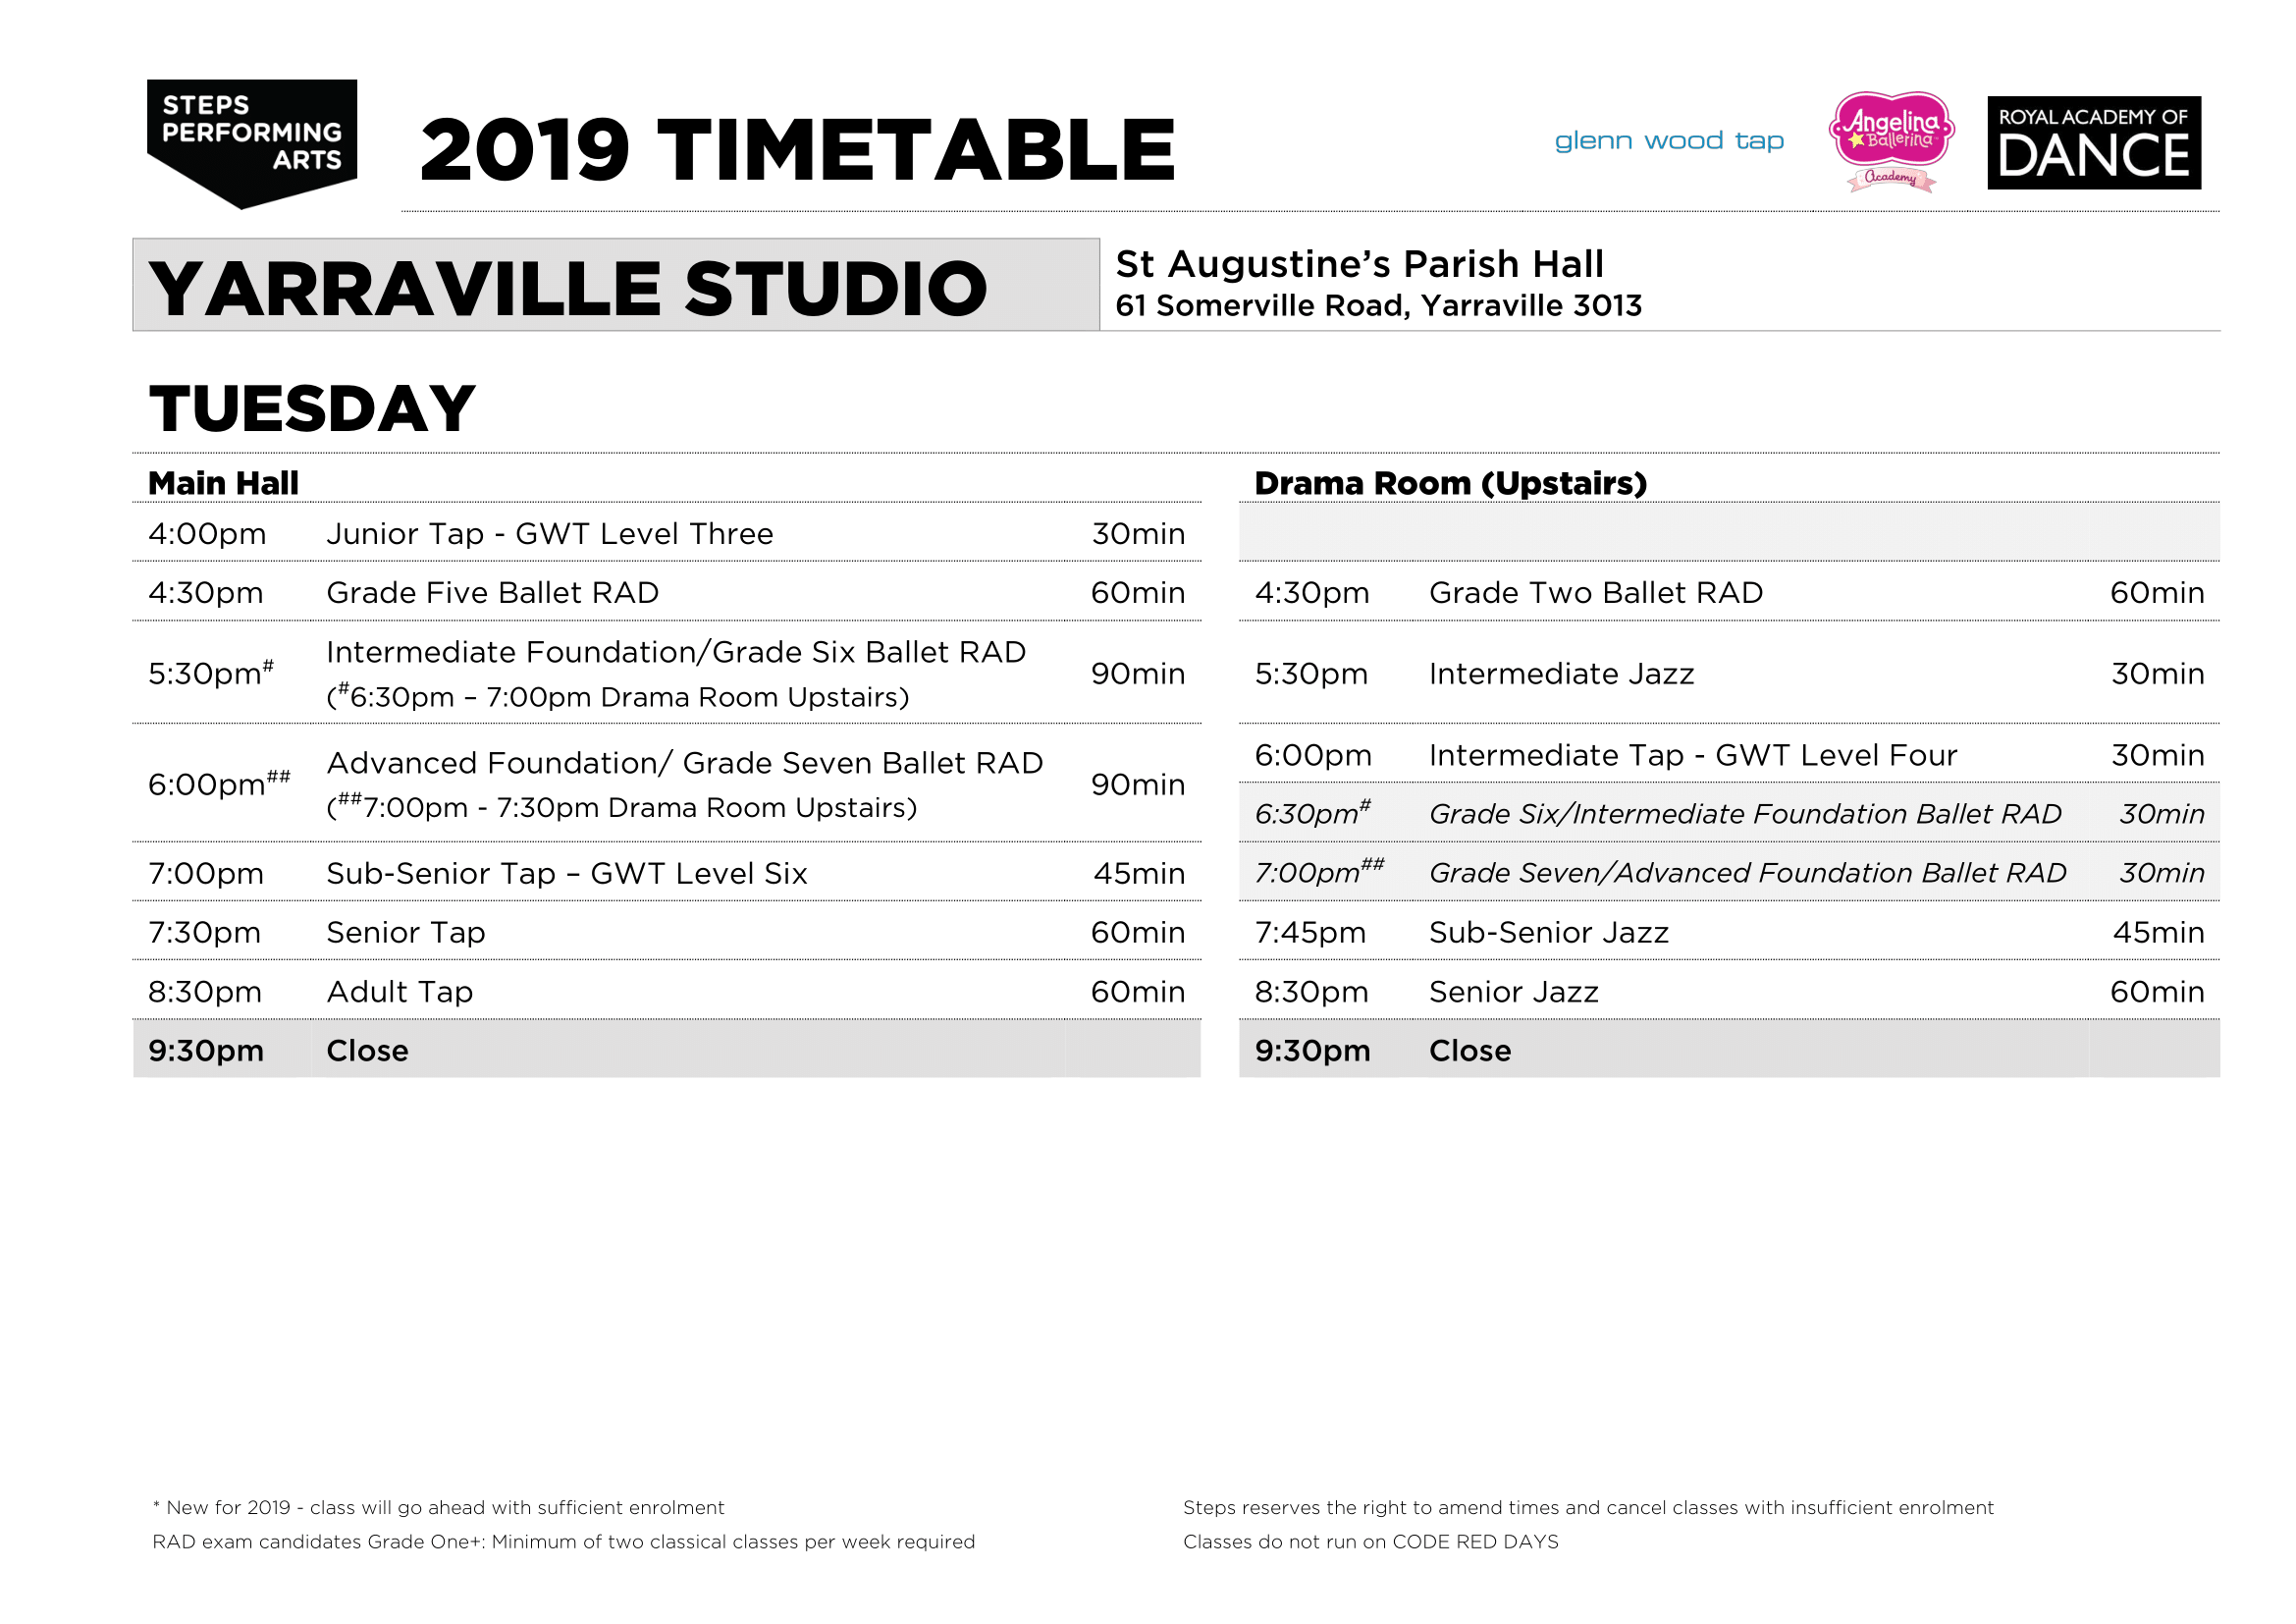 Steps_Timetable_2019_YARRAVILLE_v0-2_TUE.png